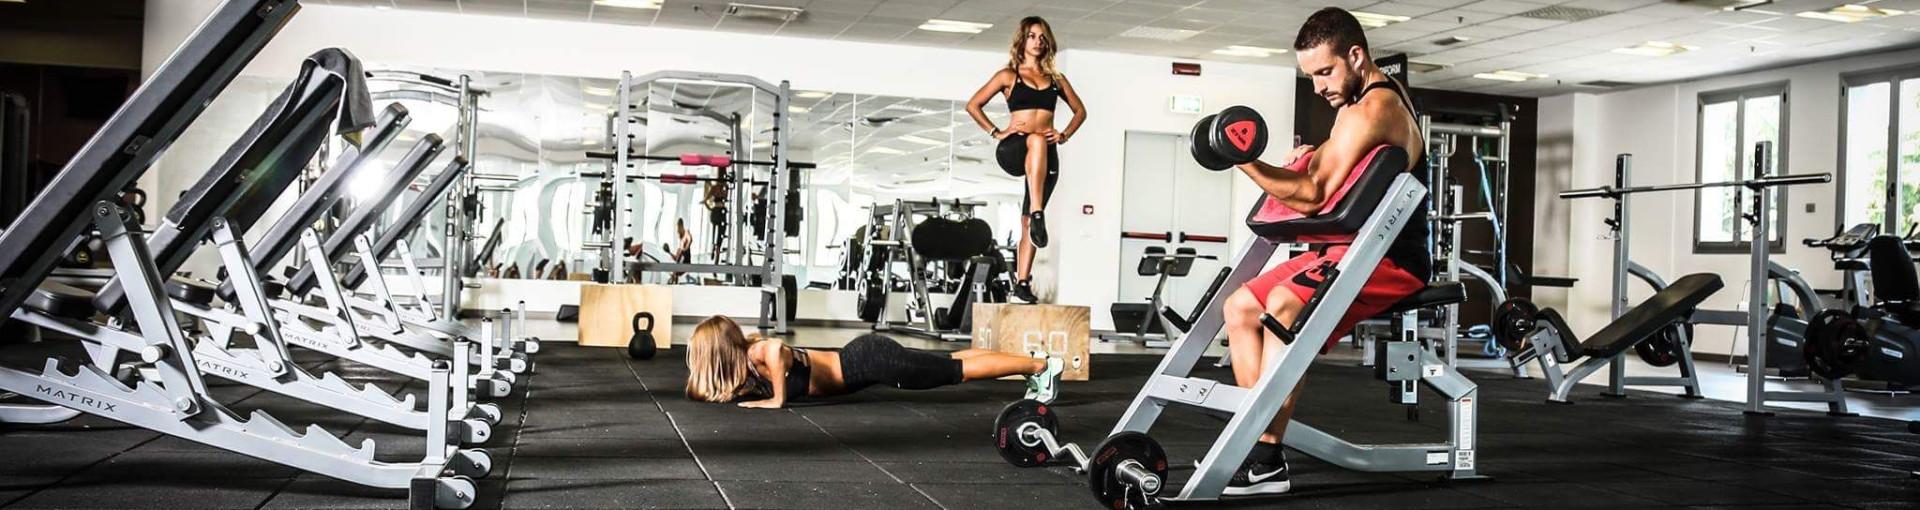 Go Fitness Hub - Paderno Dugnano